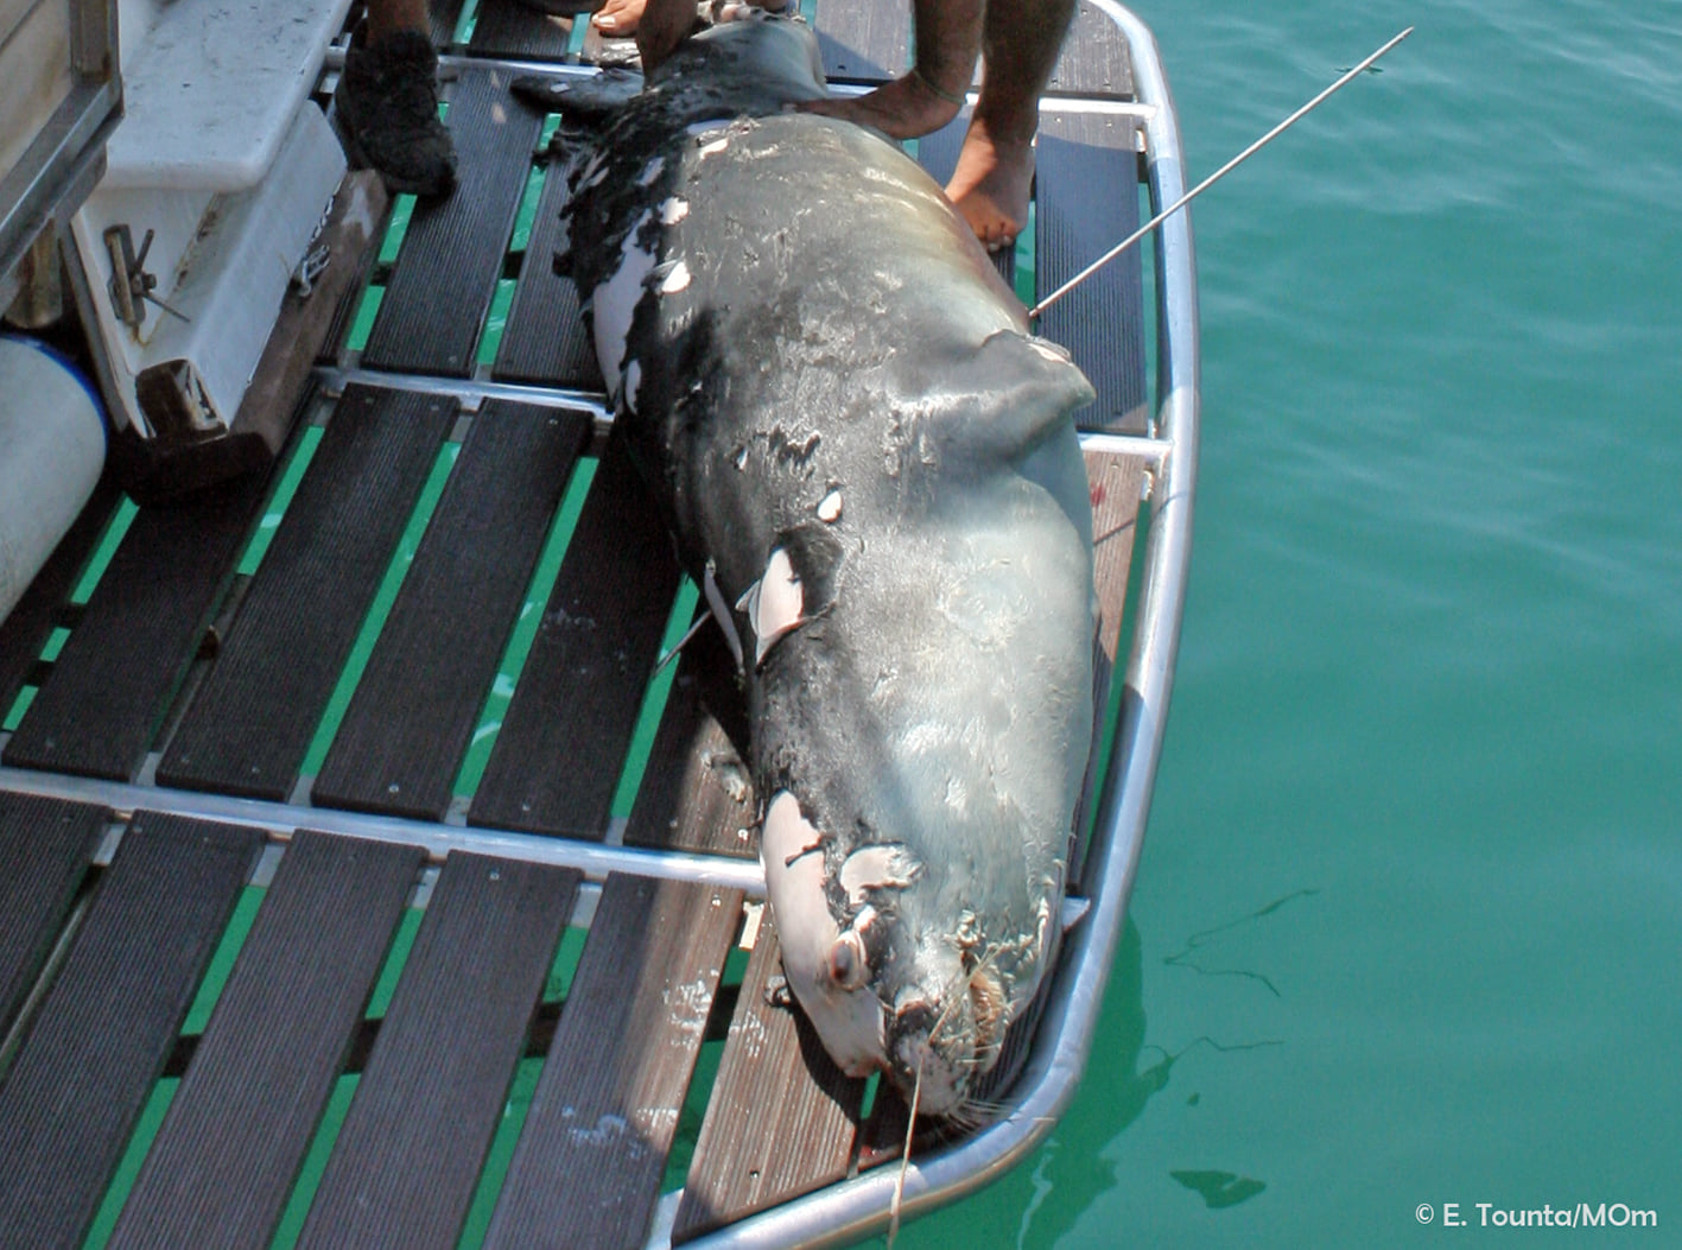 Αλόννησος: Νεκρός ο Κωστής, η φώκια – ατραξιόν του νησιού – Τον σκότωσε ψαροτουφεκάς